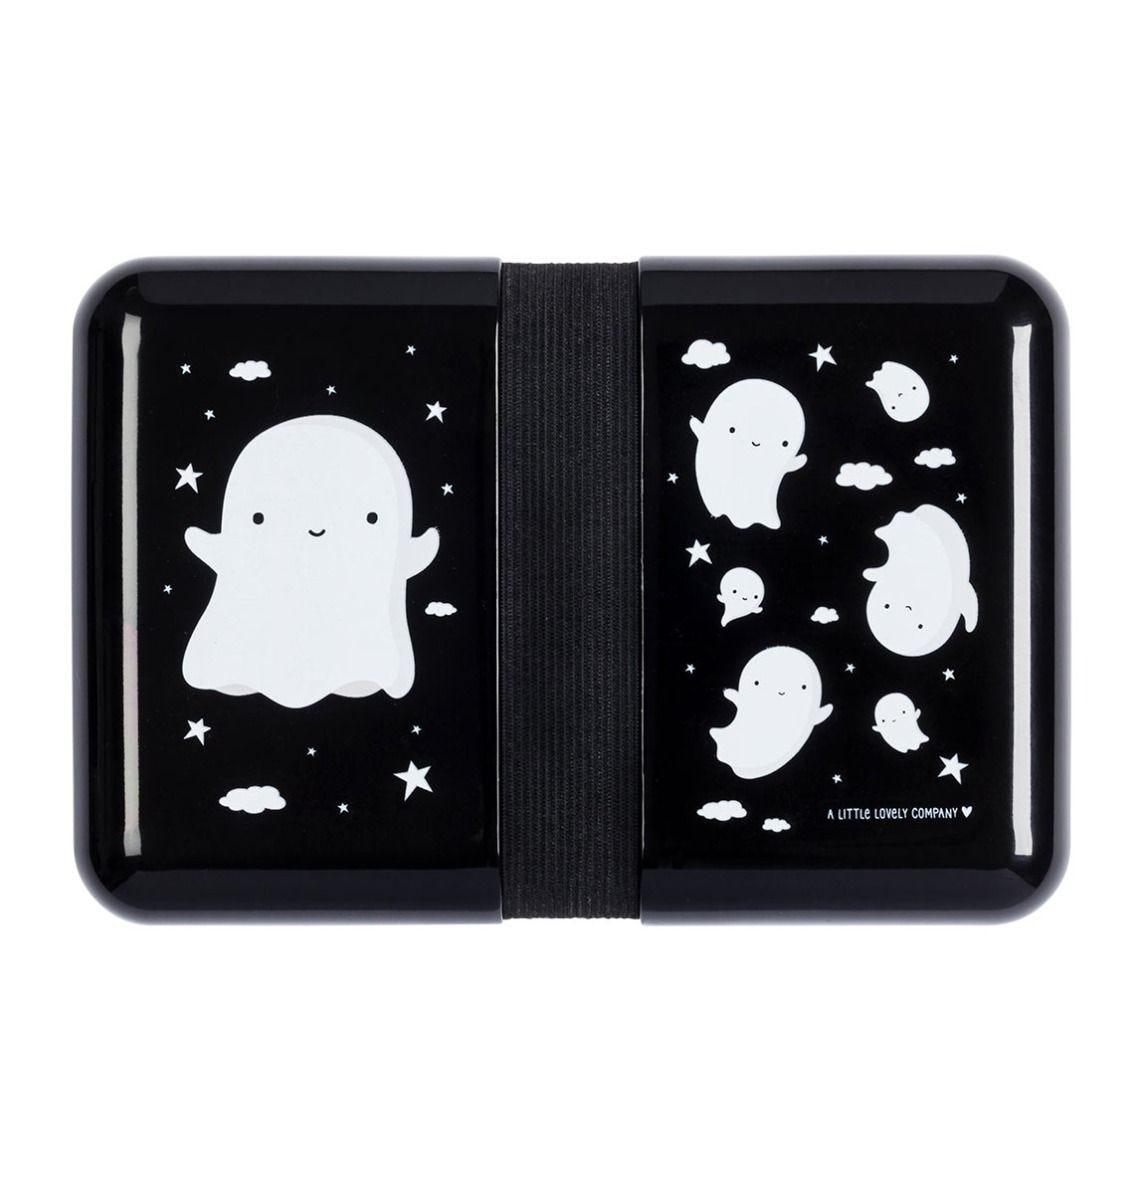 sbghbl17-lr-1_lunch_box_ghost (1)